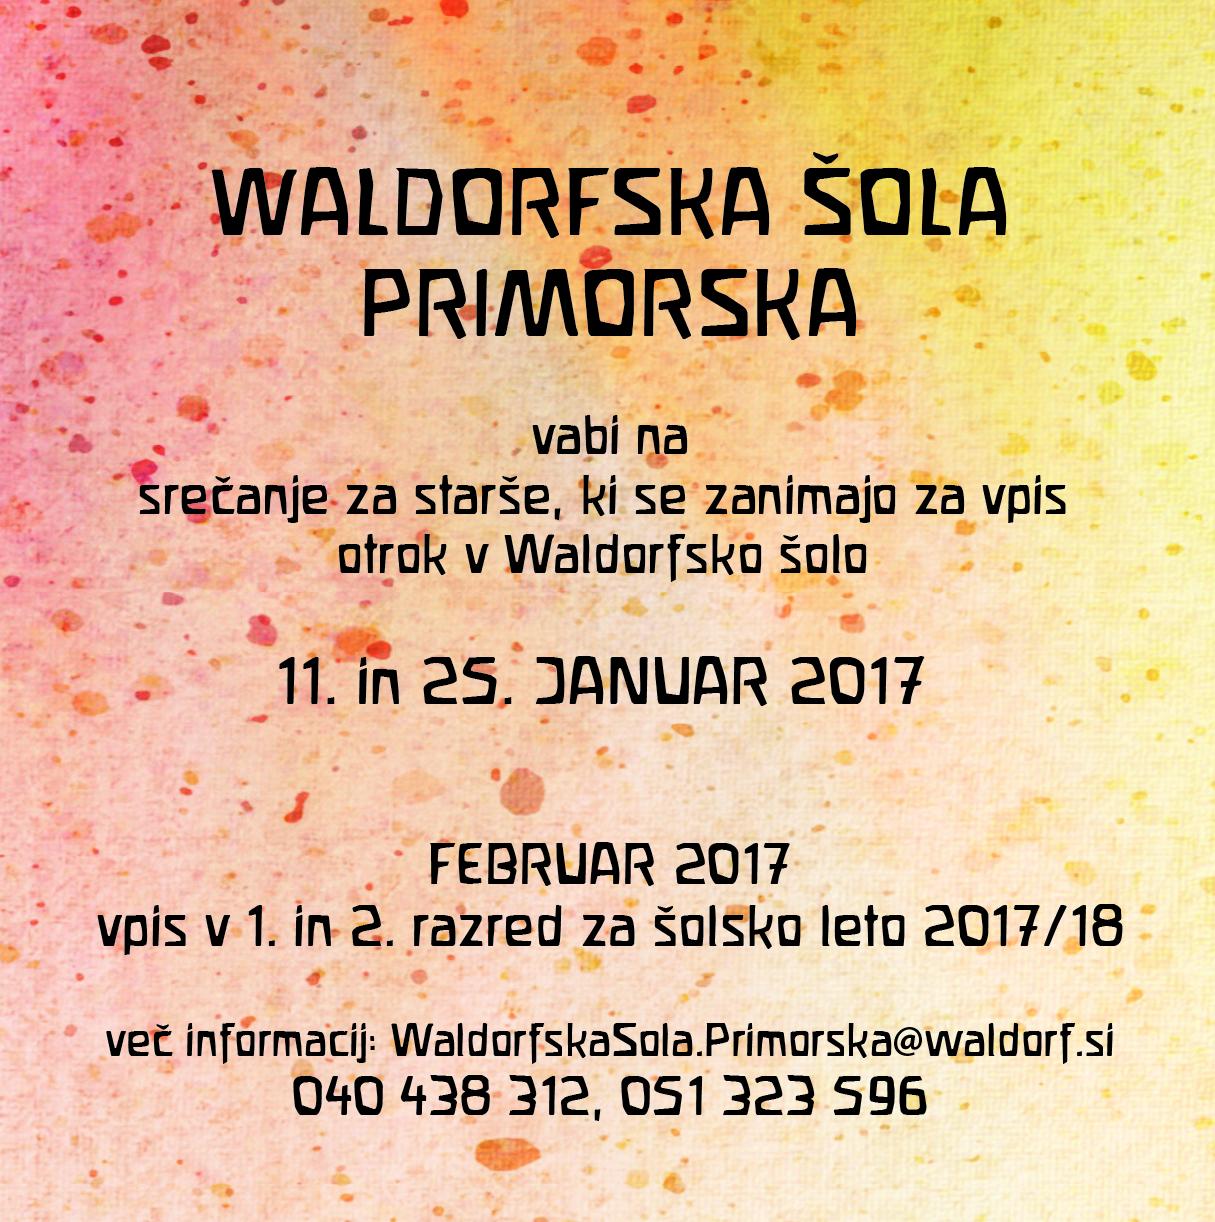 Srečanje za starše v Waldorfski šoli na Primorskem